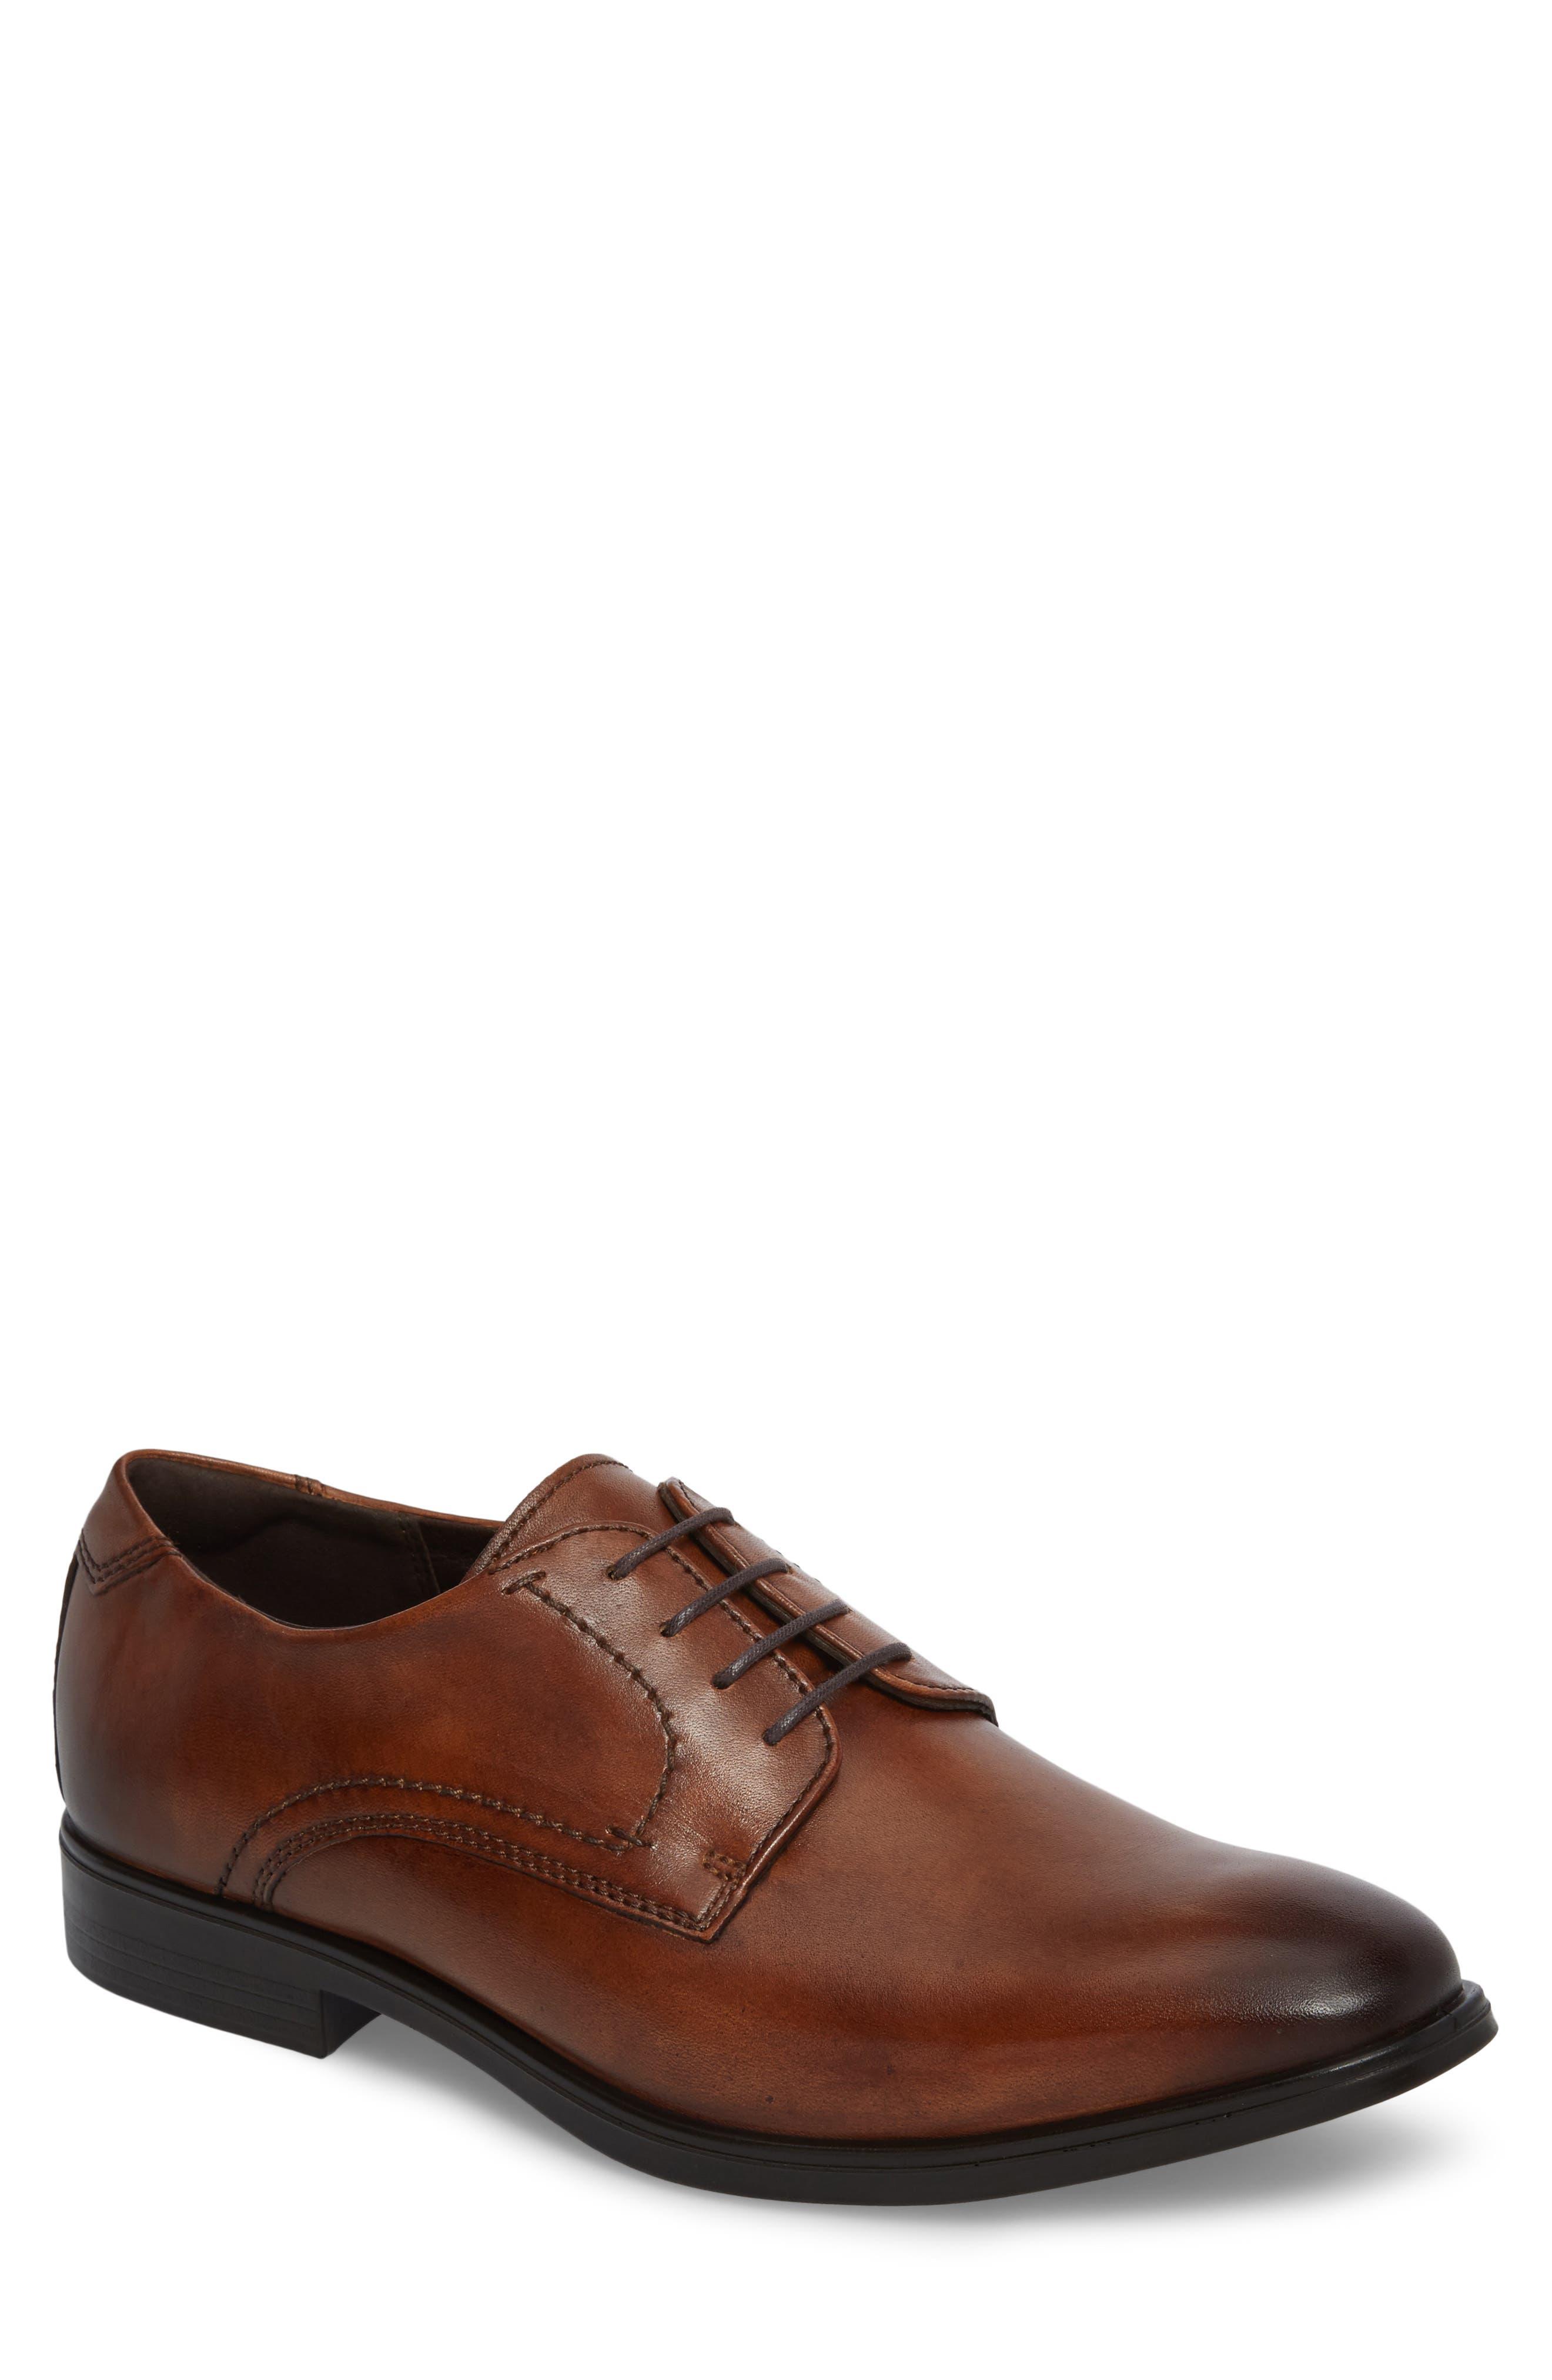 7524ee80dce Men s ECCO Dress Shoes